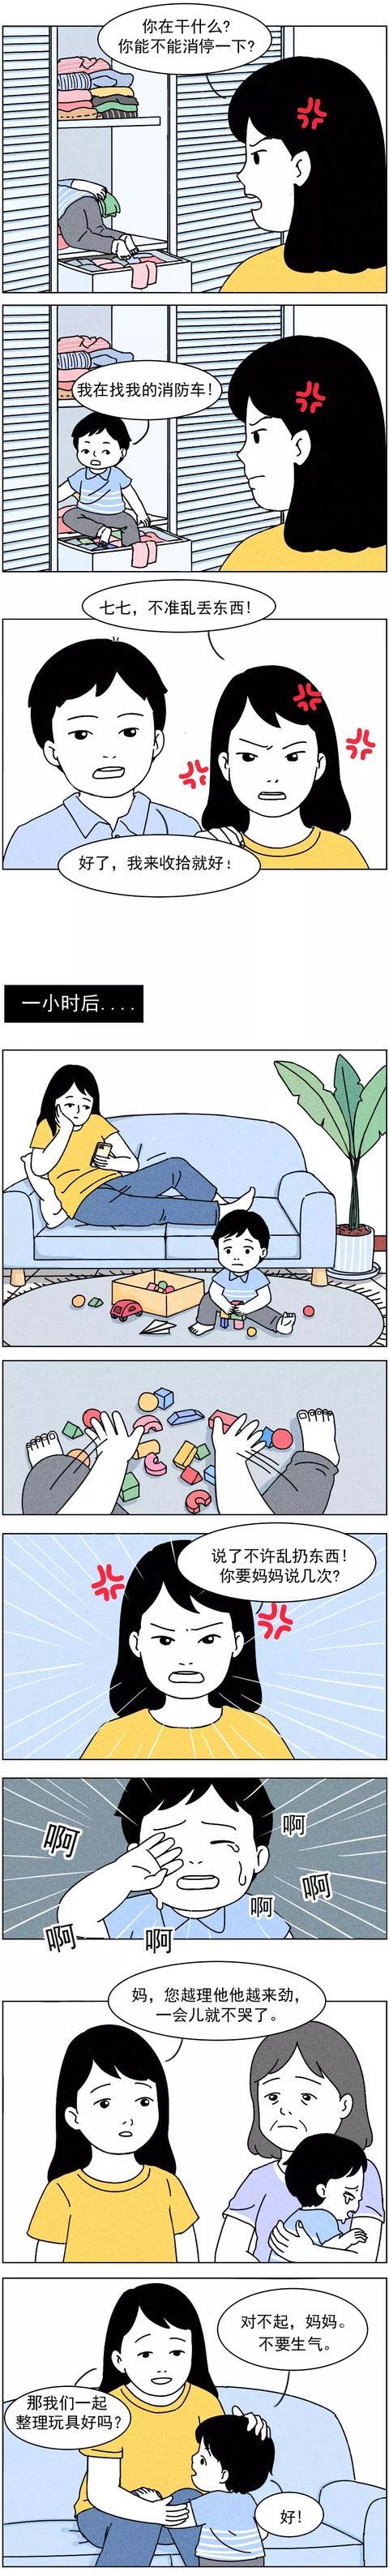 你永遠也不知道,你的孩子有多愛你